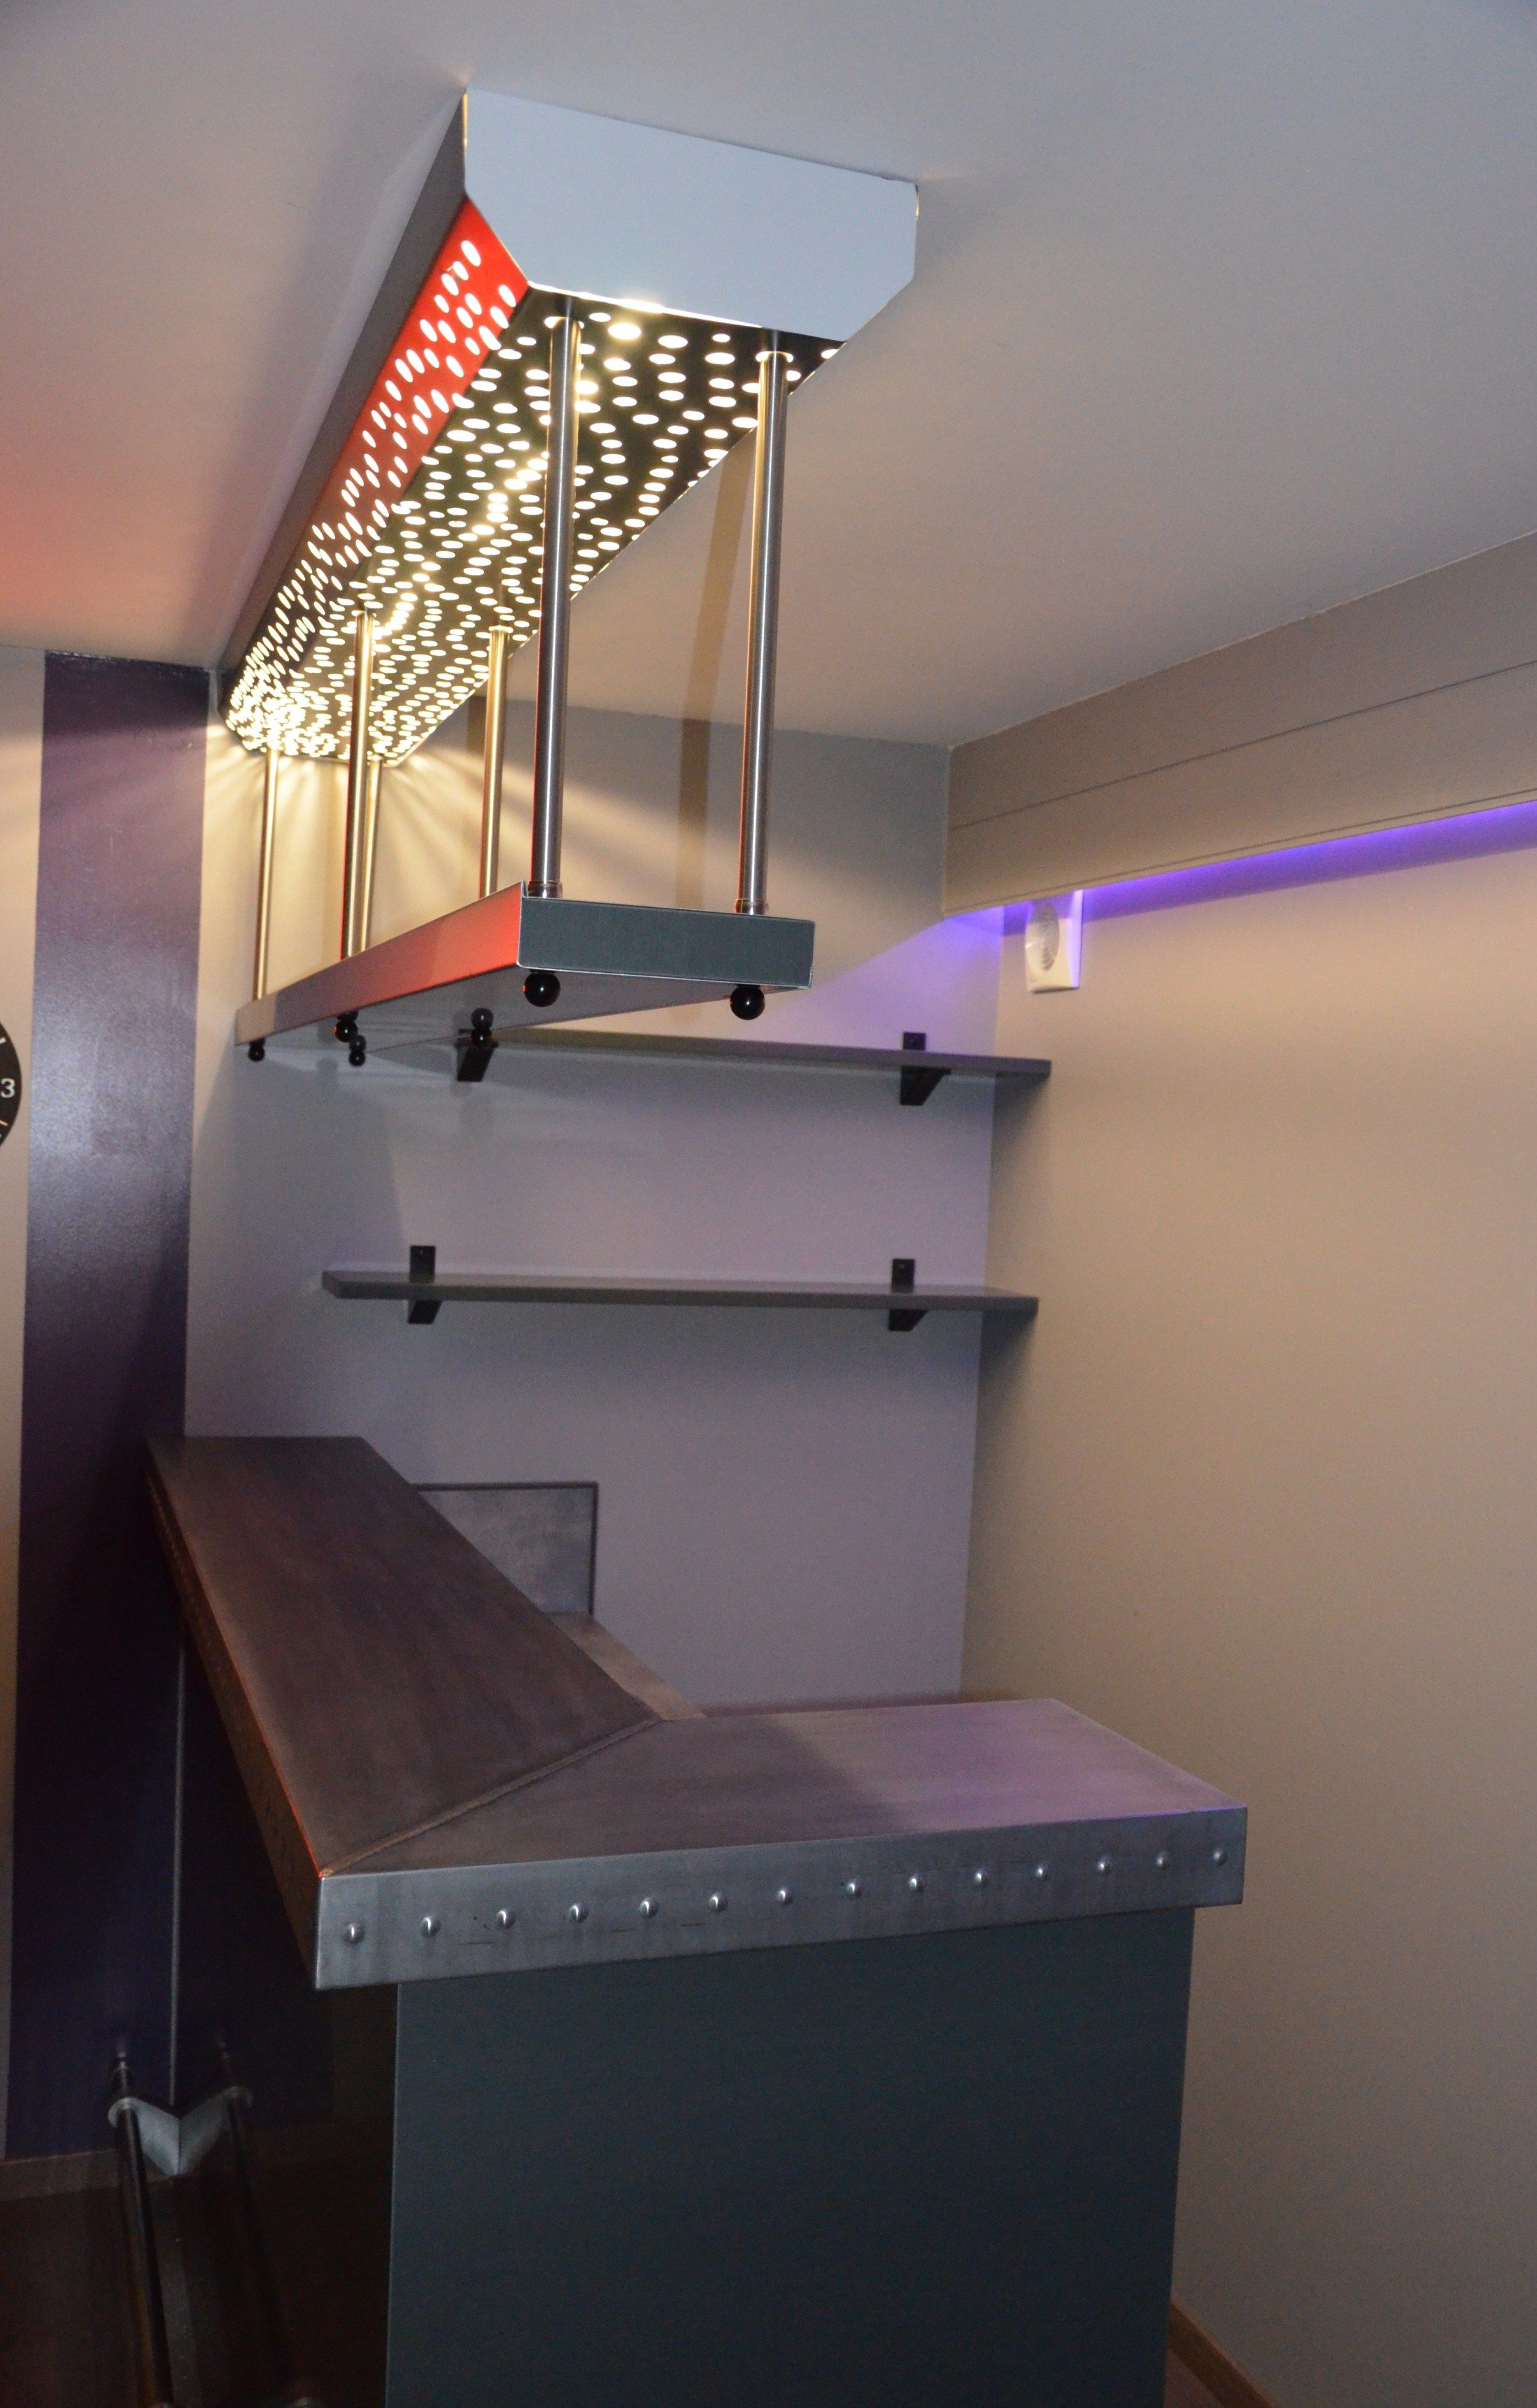 Comptoir De Bar Et Ciel De Bar En Zinc Artisan Createur De Produits Indoor Et Oudoor En Cuivre Et En Zinc Je Realise Notamment Des C Loft Bed Home Decor Home